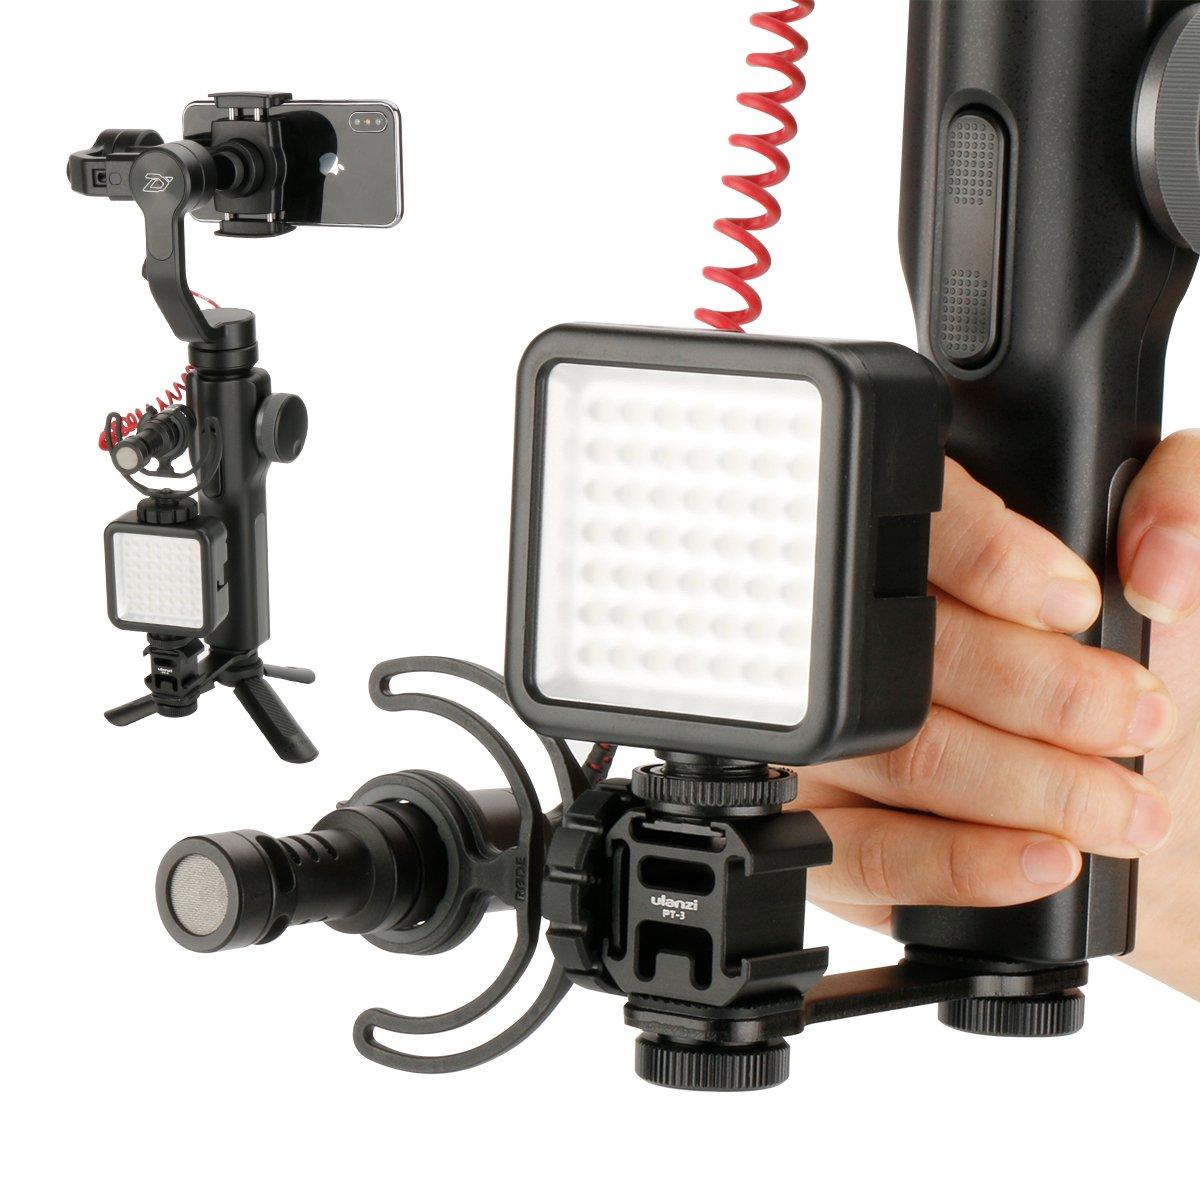 Ulanzi PT-3 Convertitore adattatore per attacco a slitta calda tripla di MM1 Supporto per staffa supporto microfono per Zhiyun Smooth 4 Smooth Q per DJI Osmo Mobile 2 LED Video Light